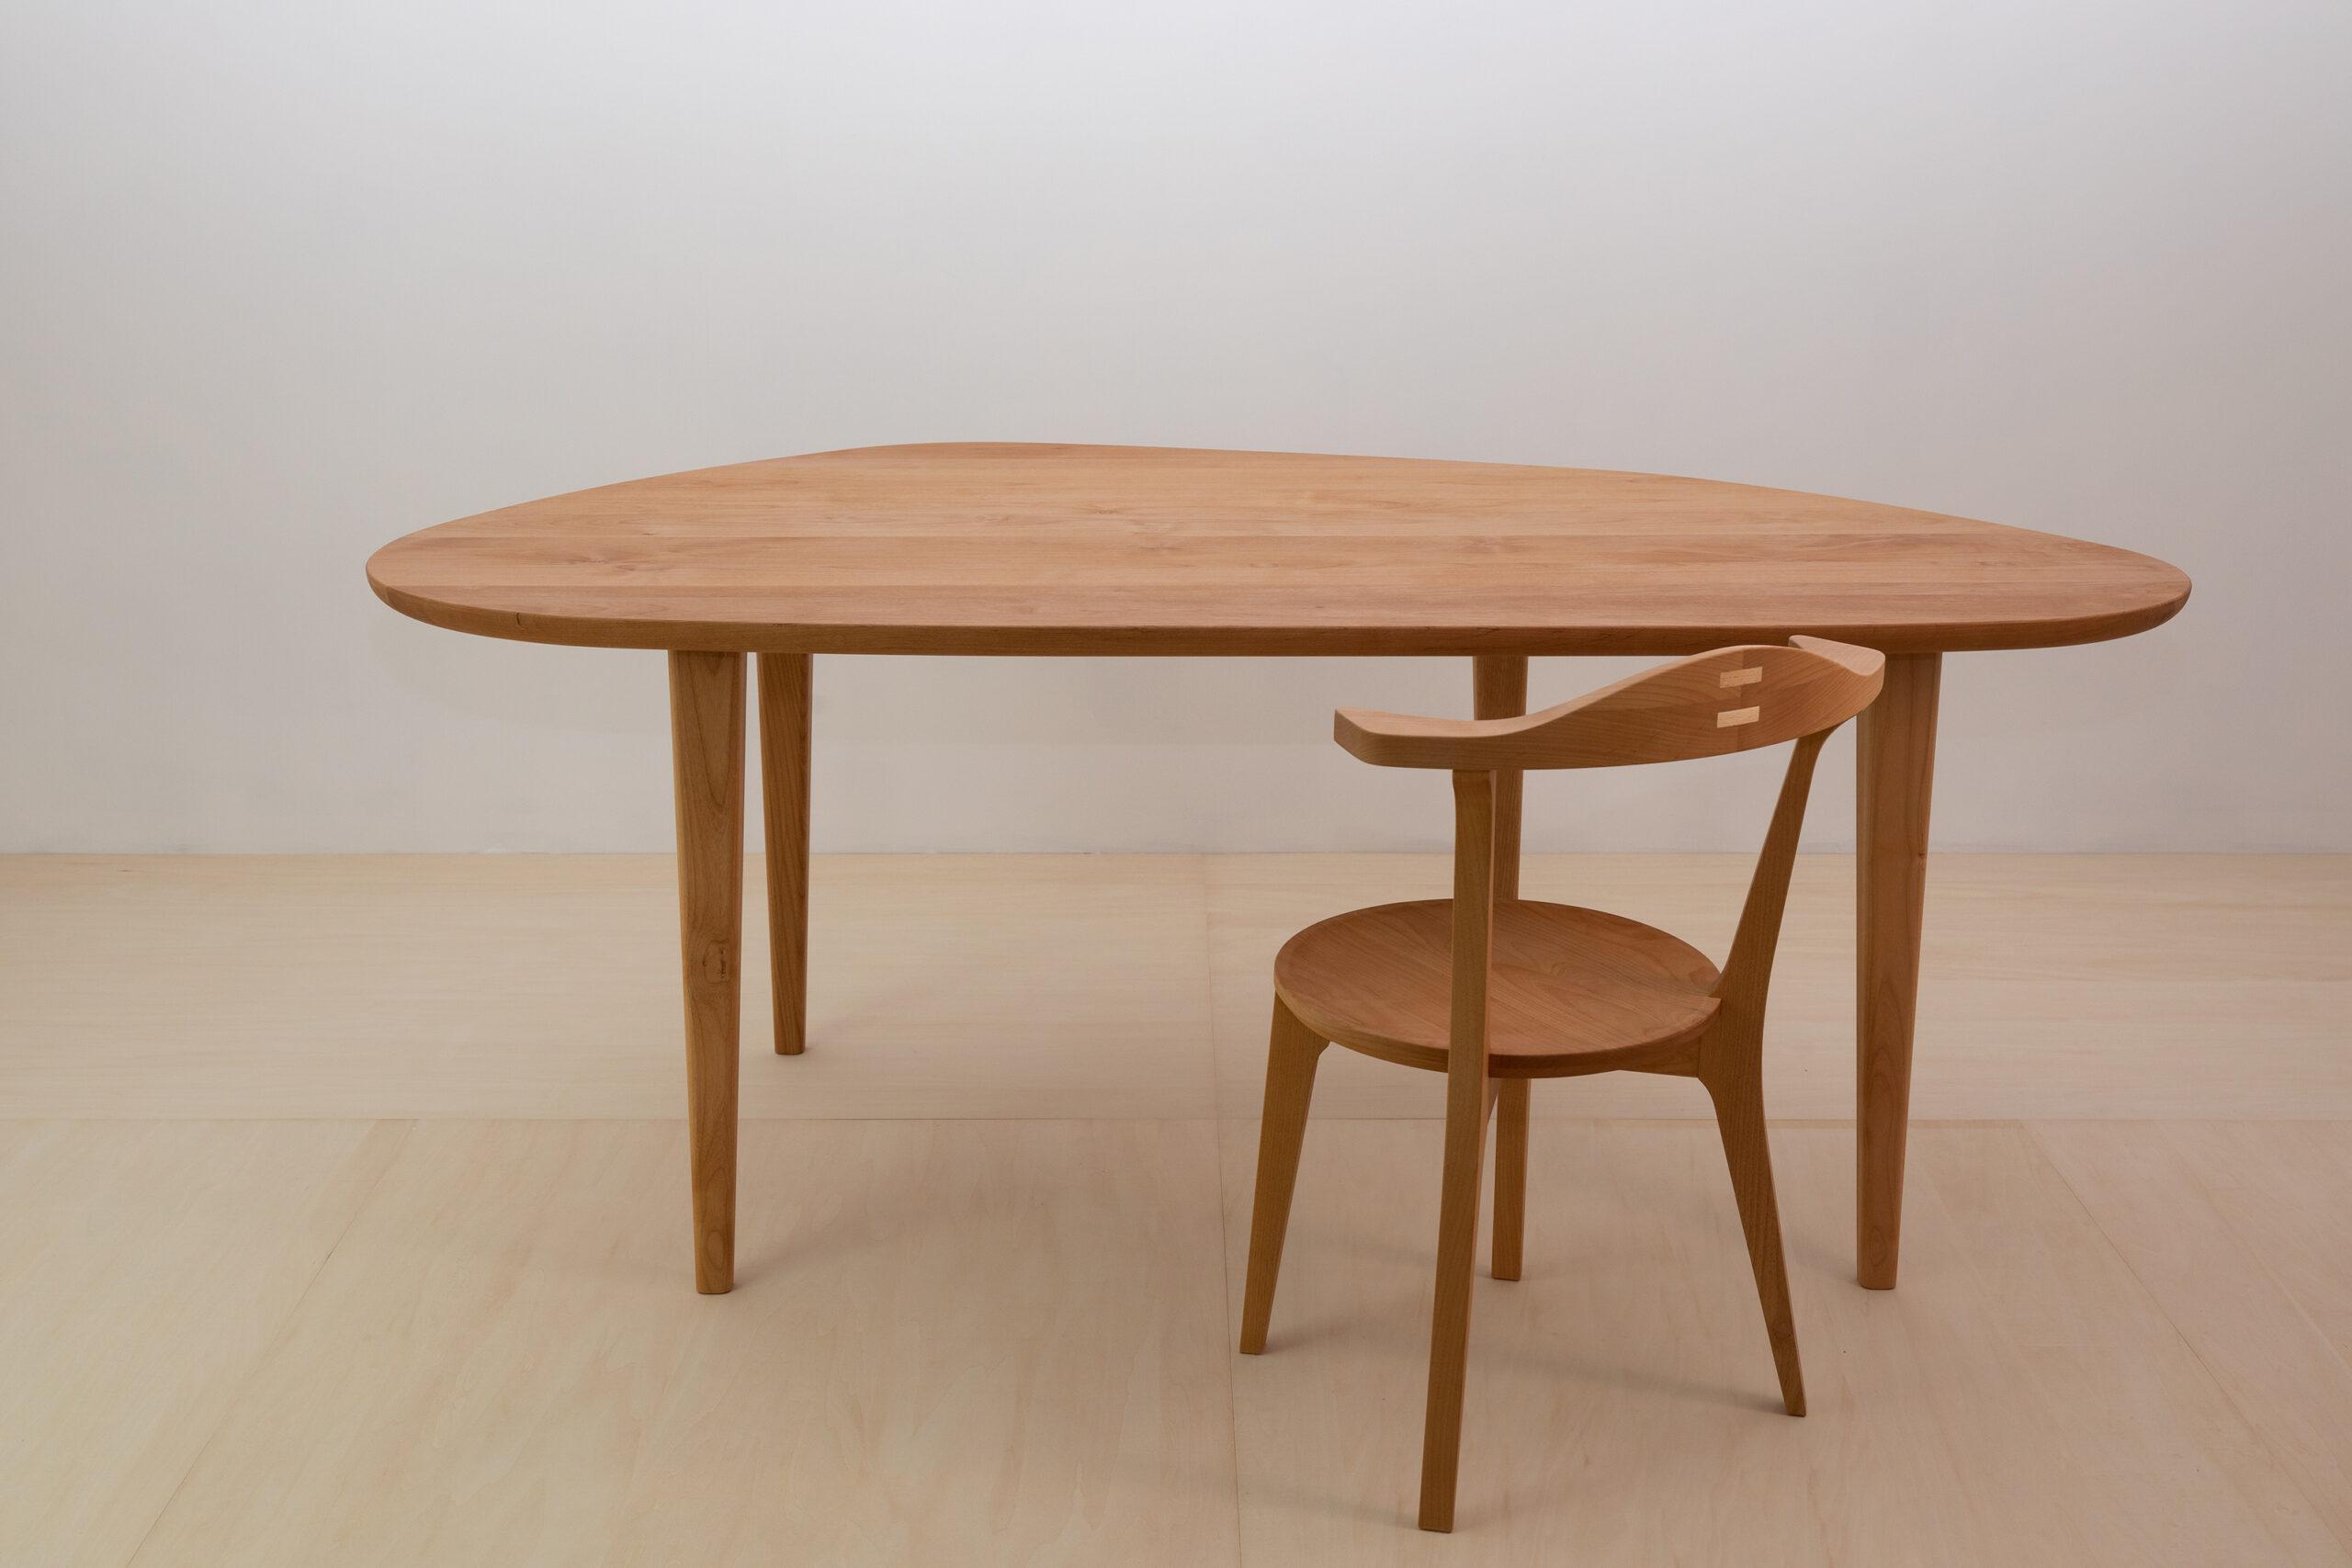 変形ダイニングテーブル ~有機的な面取りで~